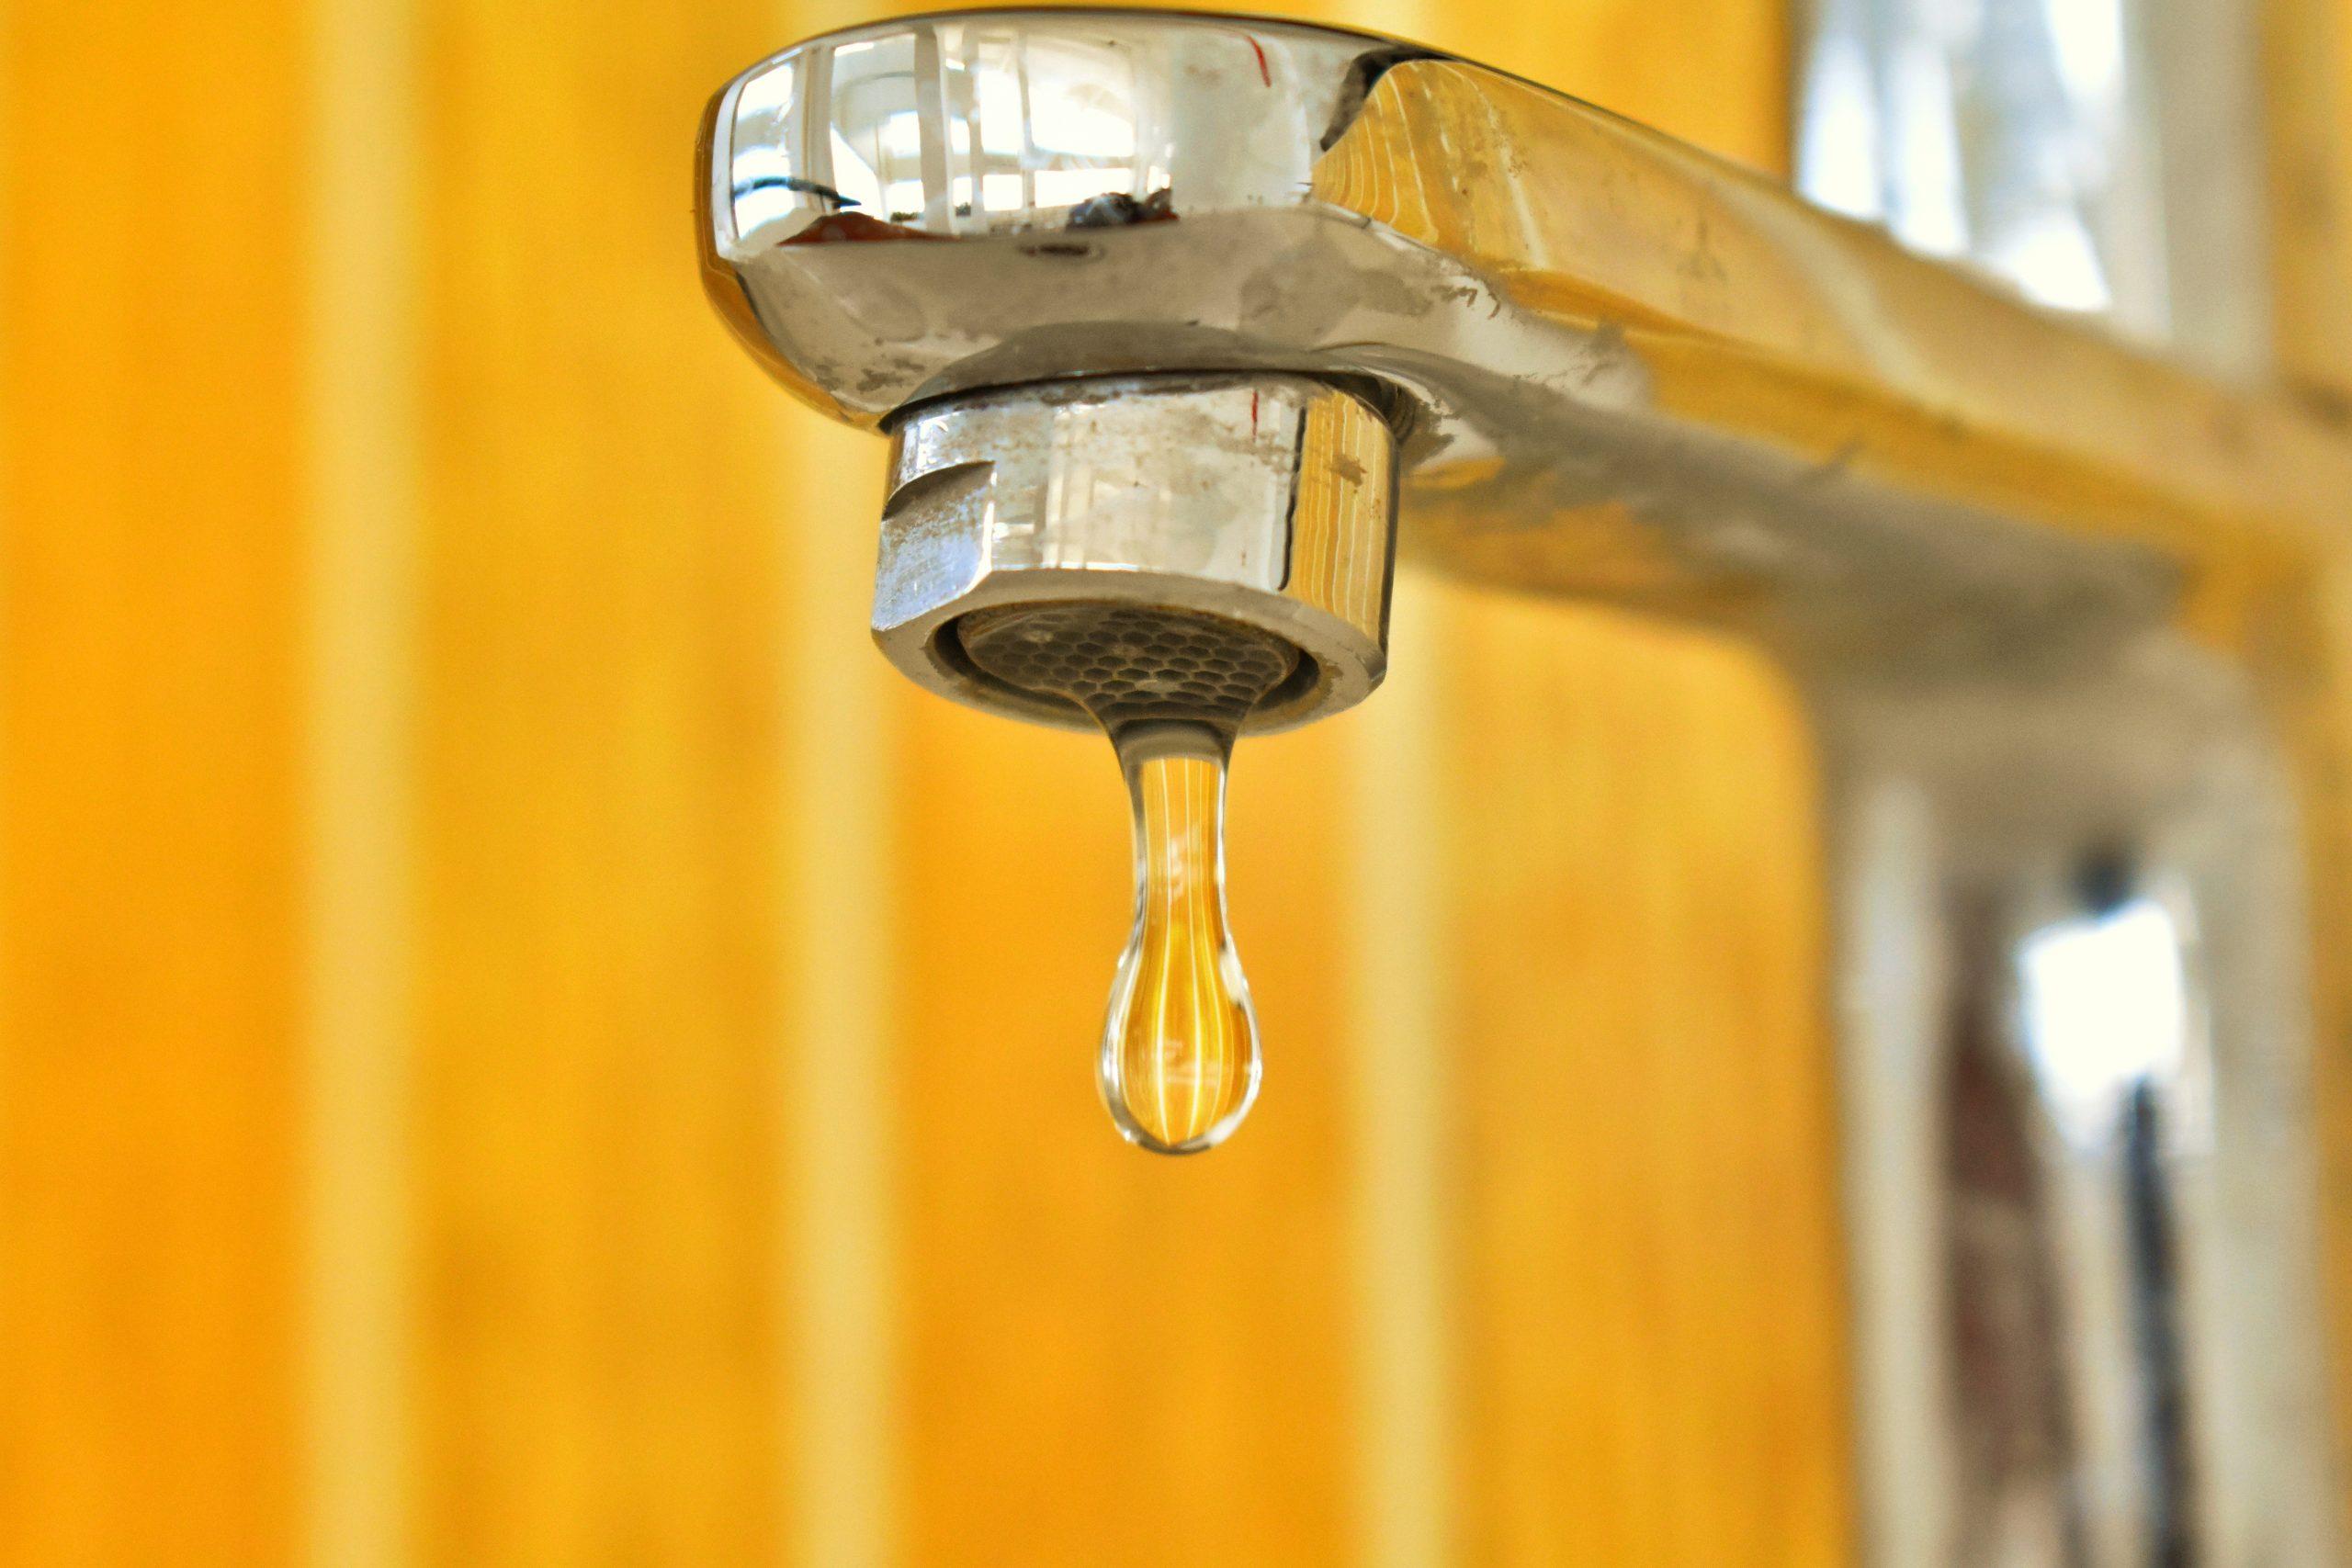 Bucureștenii s-au săturat să încălzească apa la aragaz. Apa caldă lipsește în mai multe zone, din cauza avariilor